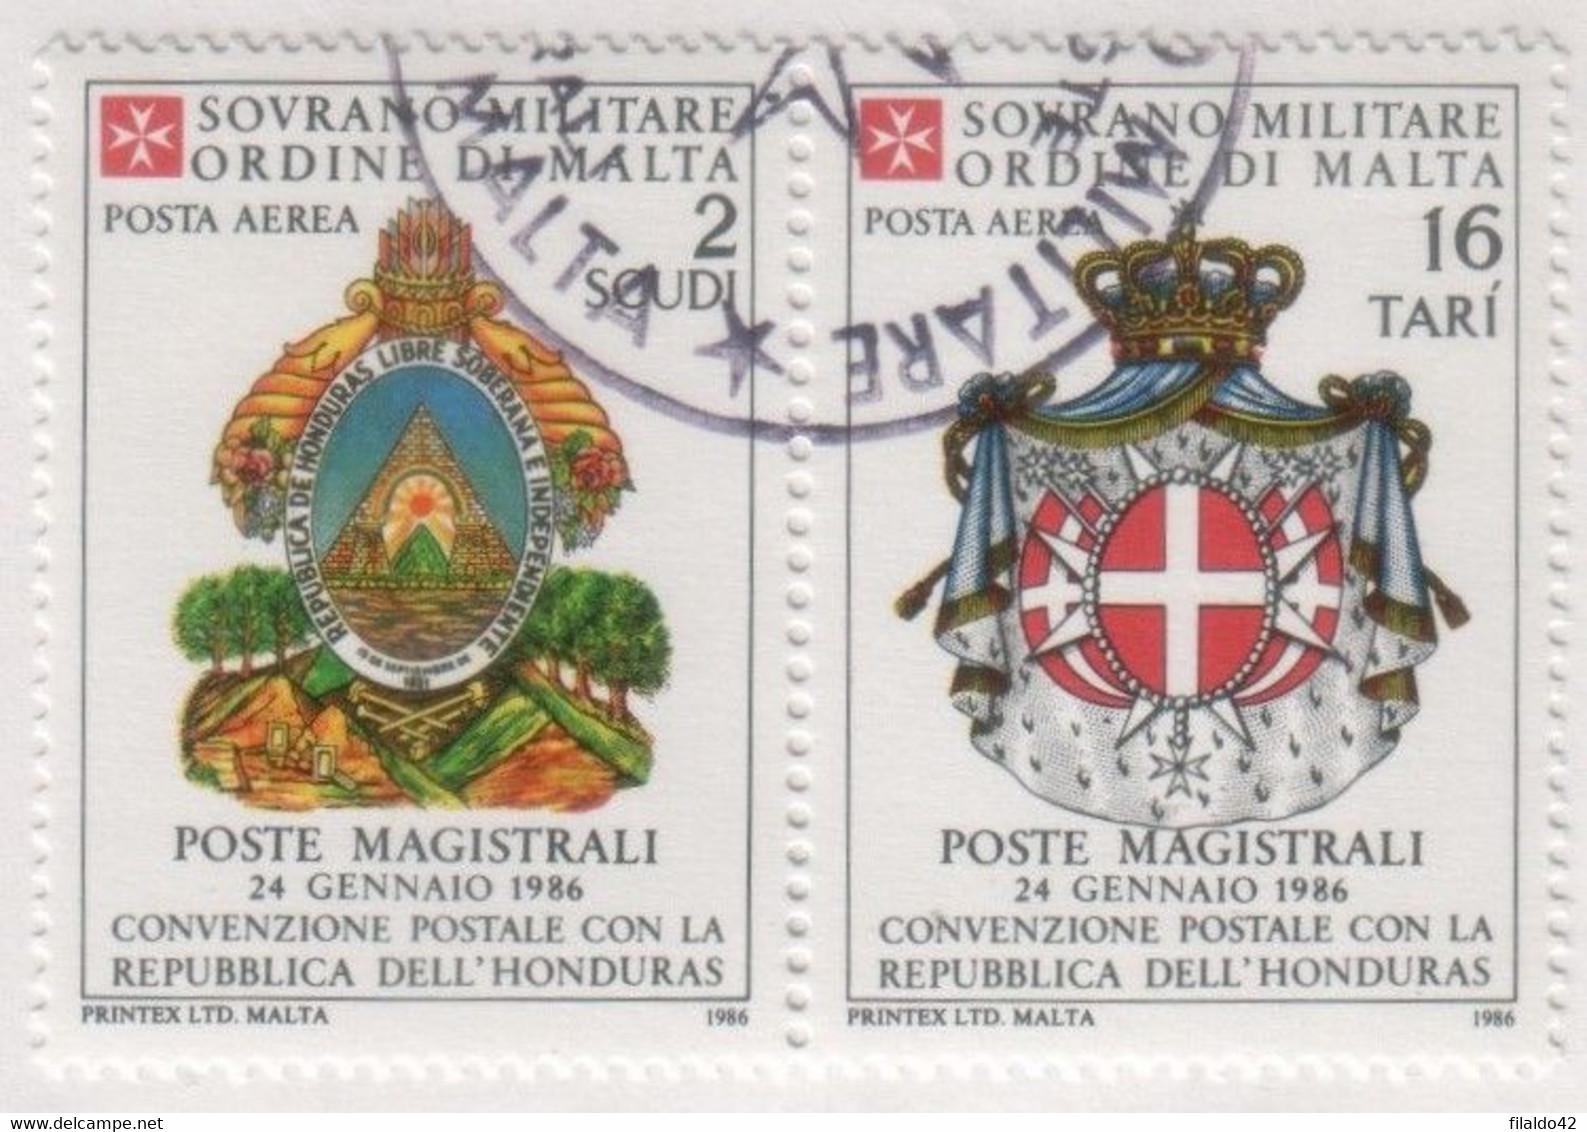 SMOM - 1986 Usato - AEREA Convenzione Postale Con L'Honduras S. Cpl 2v Uniti (rif. A23/A24 Cat. Unificato) - Malte (Ordre De)